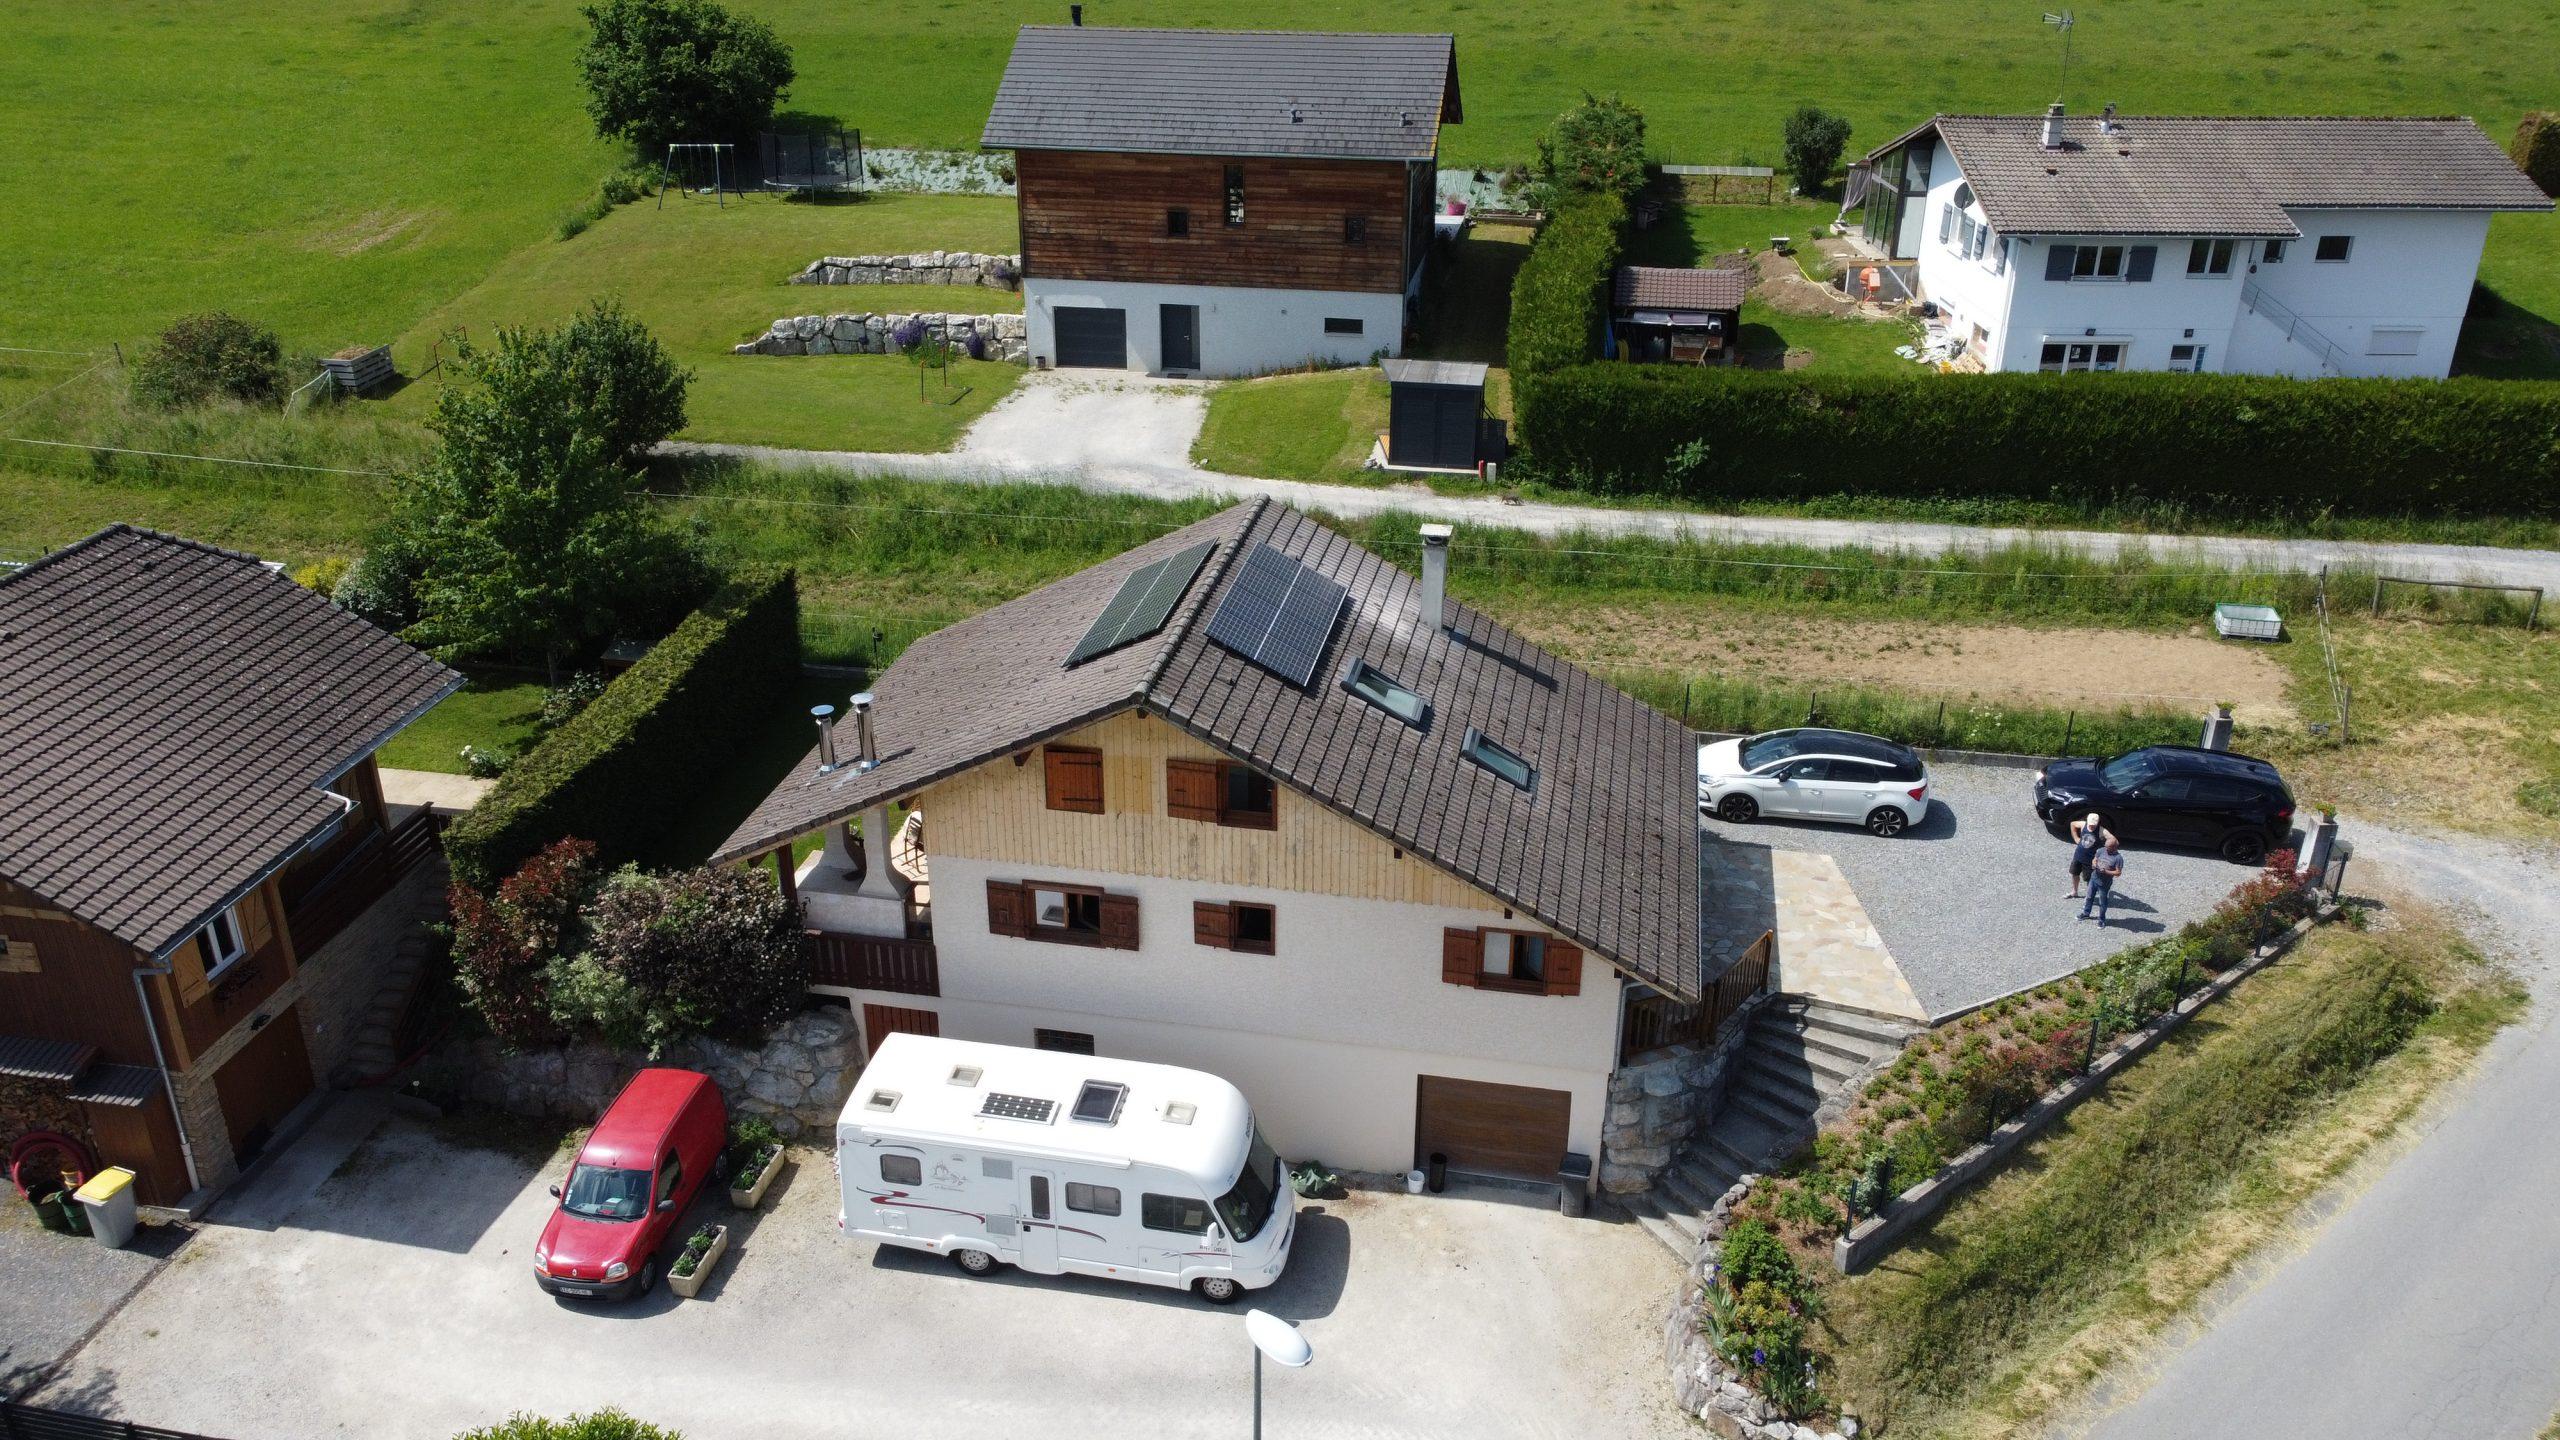 energies services france installation solaire panneaux photovoltaiques autoconsommation haute savoie peillonnex